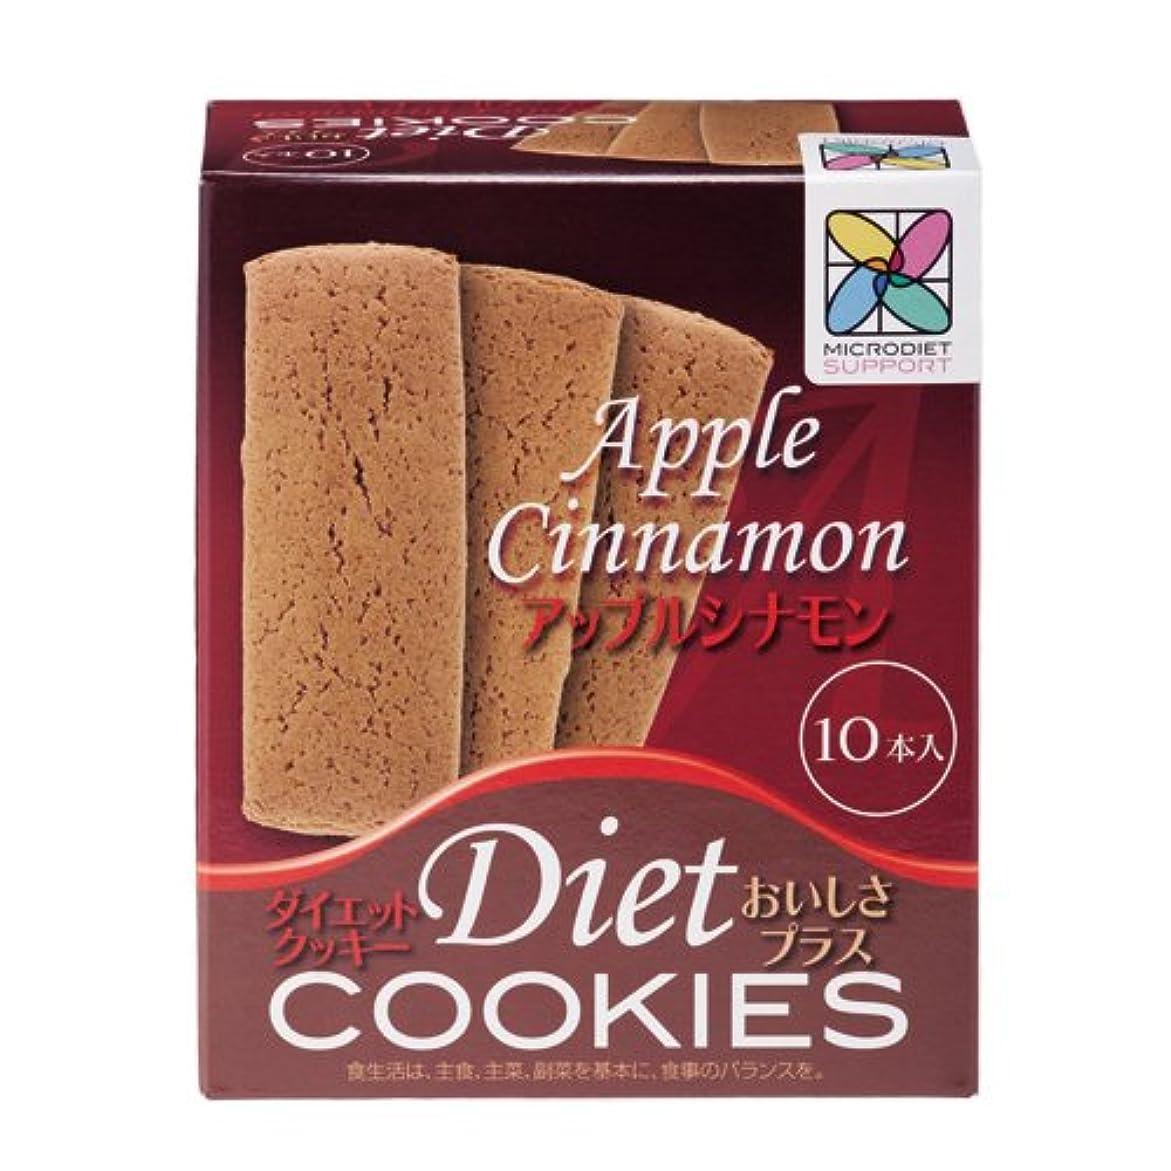 免除プレミアシュガーダイエットクッキーおいしさプラス(アップルシナモン:1箱)(03754)